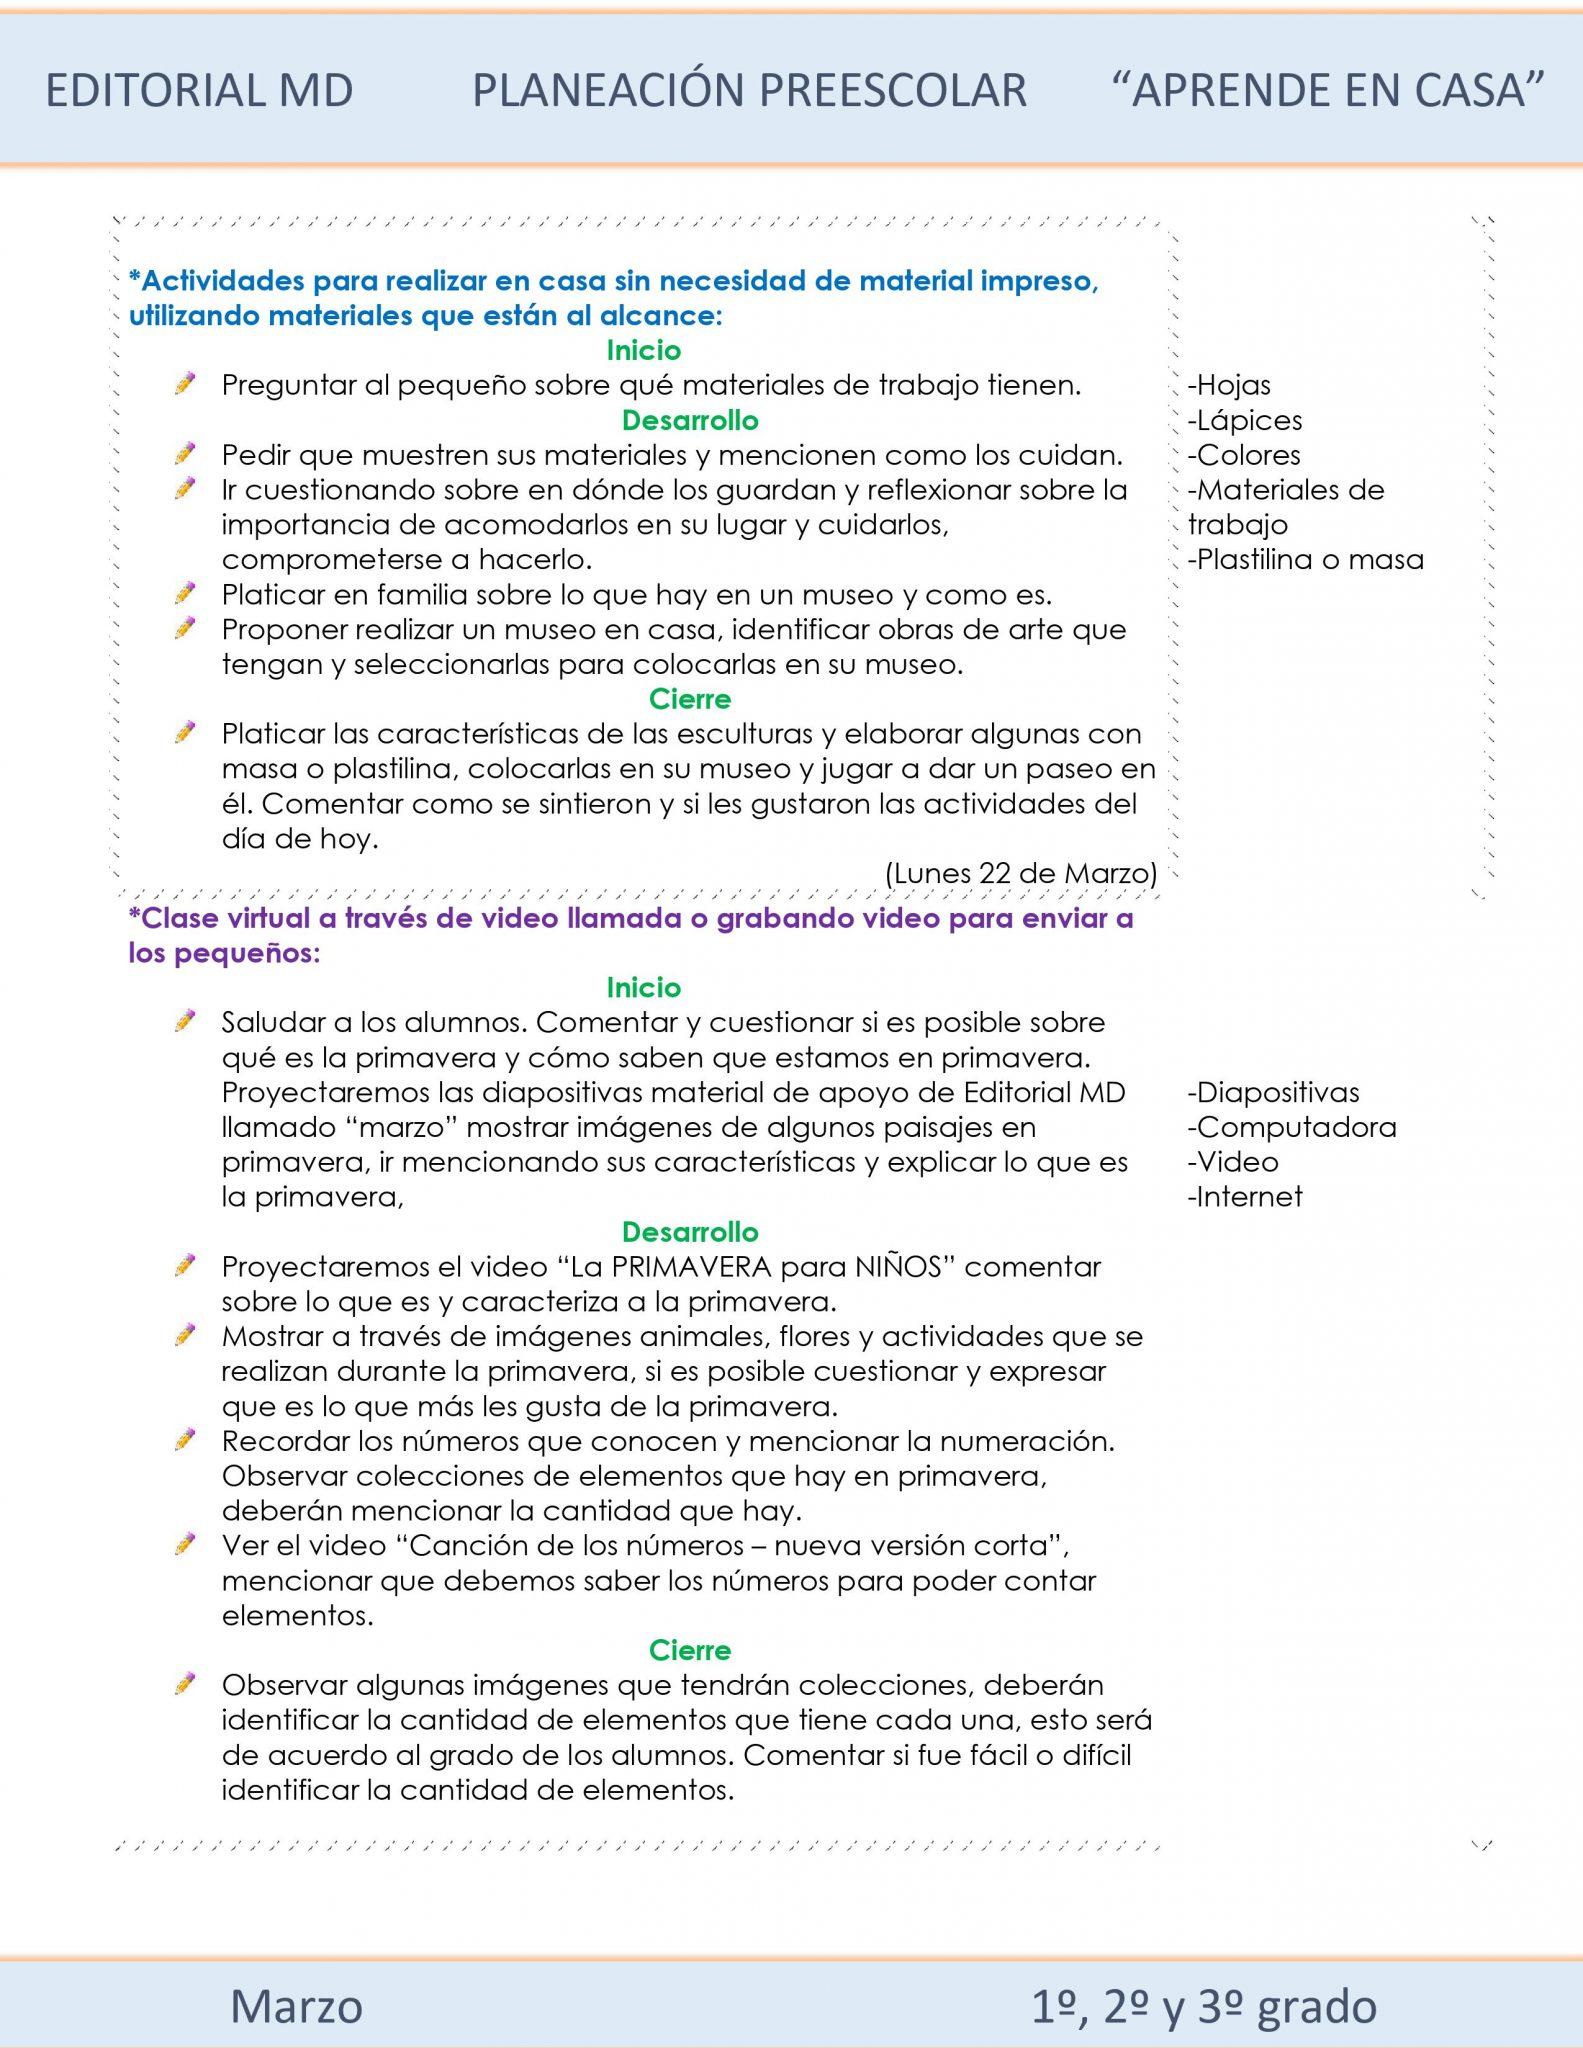 Ejemplo planeación Preescolardel 22 al 26 de Marzo del 2021 02